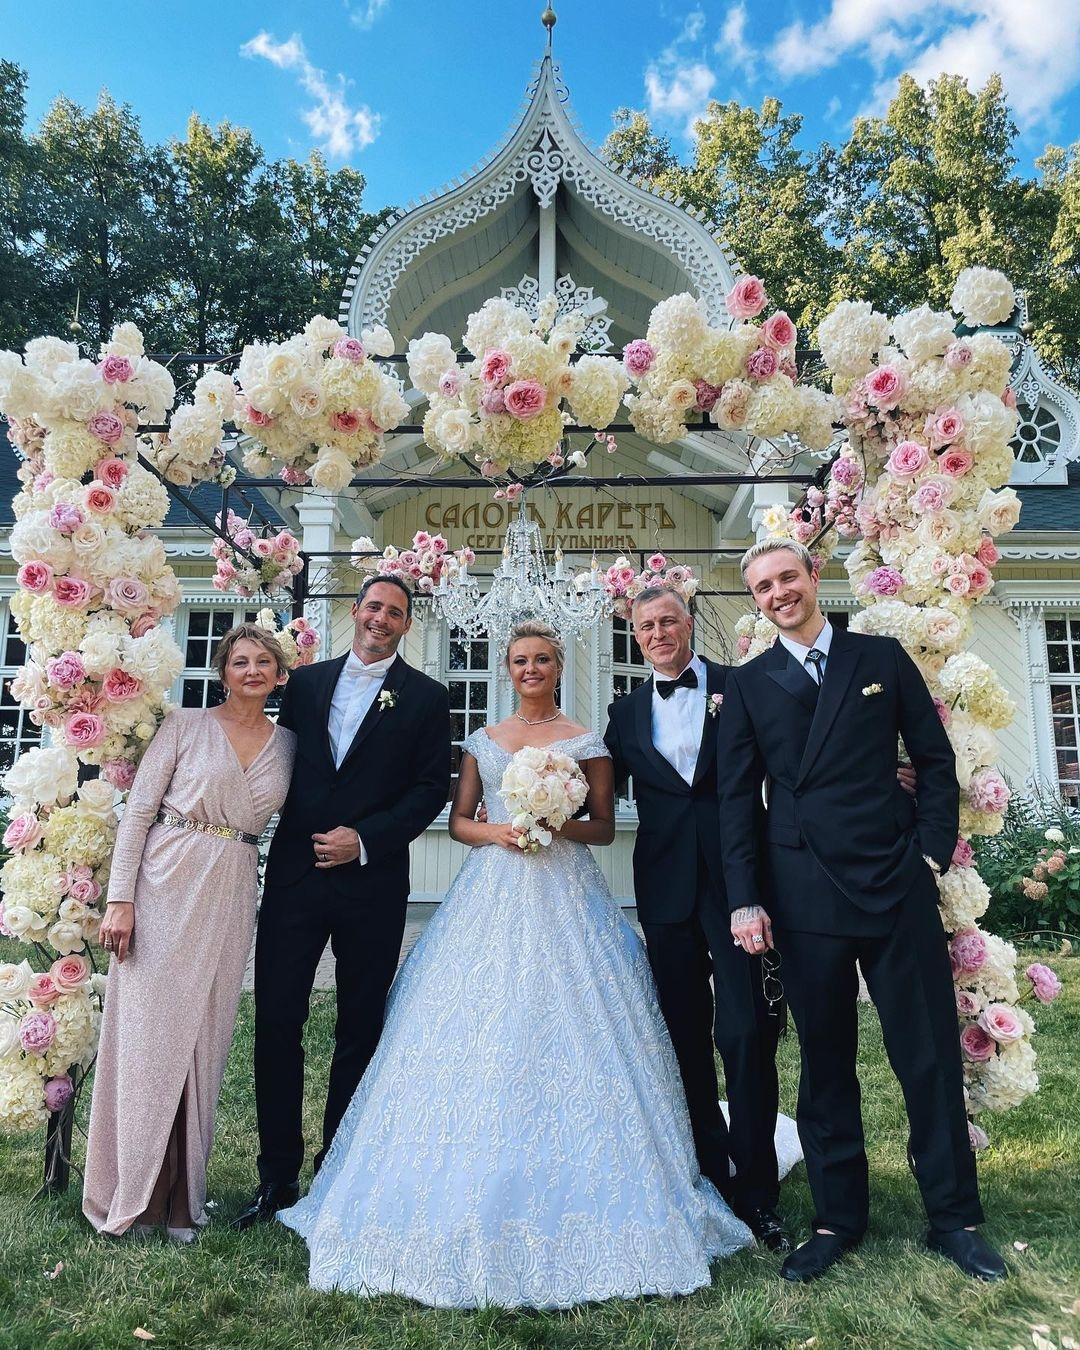 Сестра Егора Крида Полина сыграла пышную свадьбу с мужем-аргентинцем (ФОТО) - фото №2